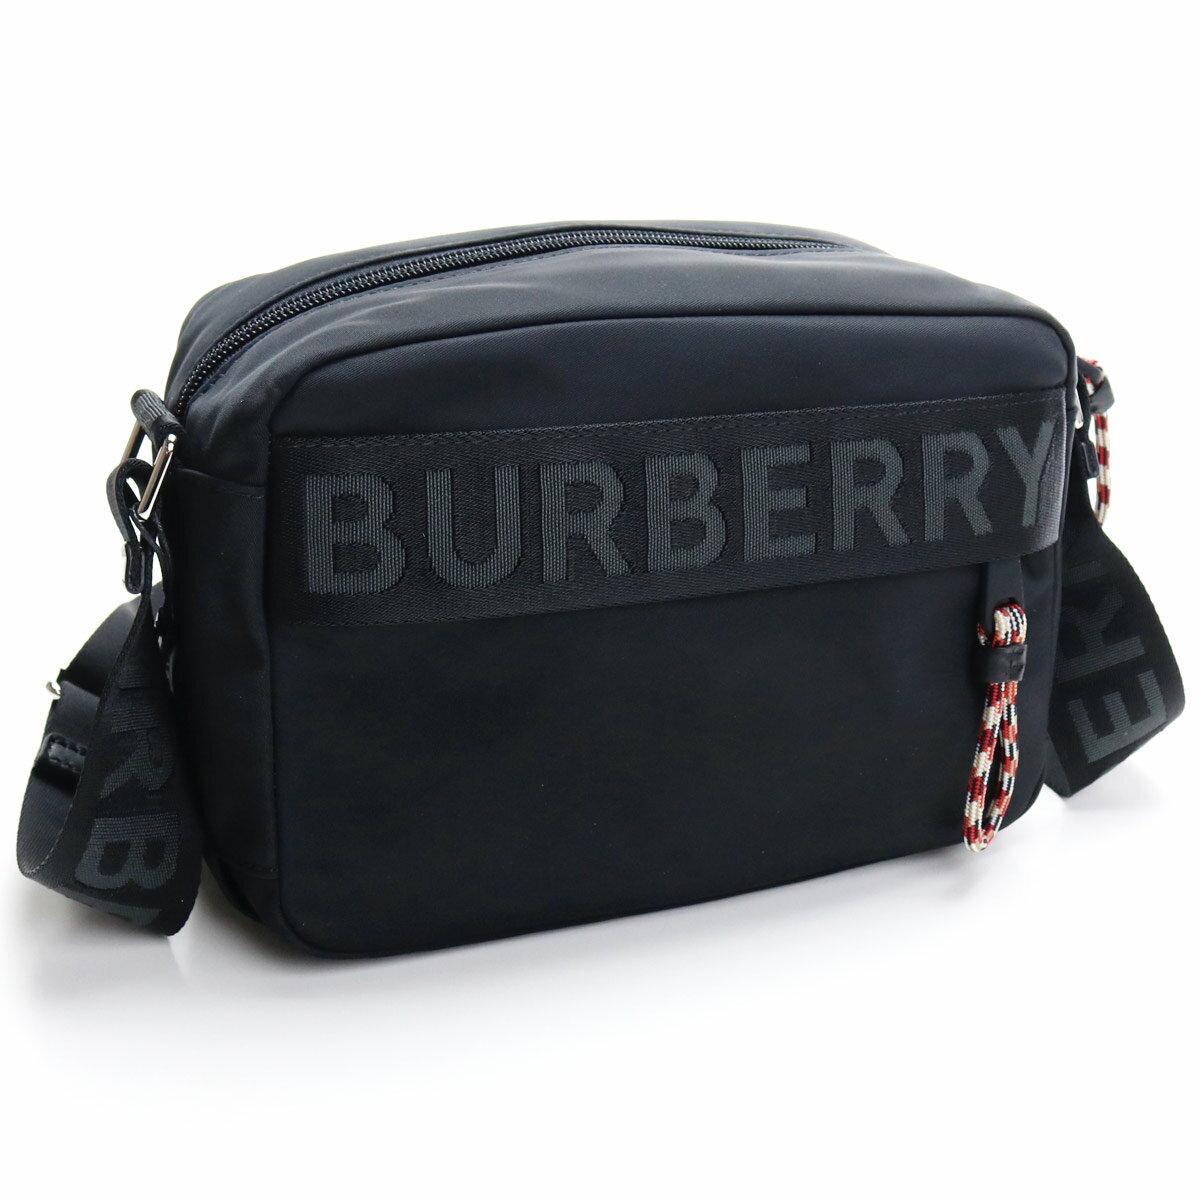 メンズバッグ, ショルダーバッグ・メッセンジャーバッグ  BURBERRY 8025669 A1189 BLACK mens shoulderbag brand gsm-1